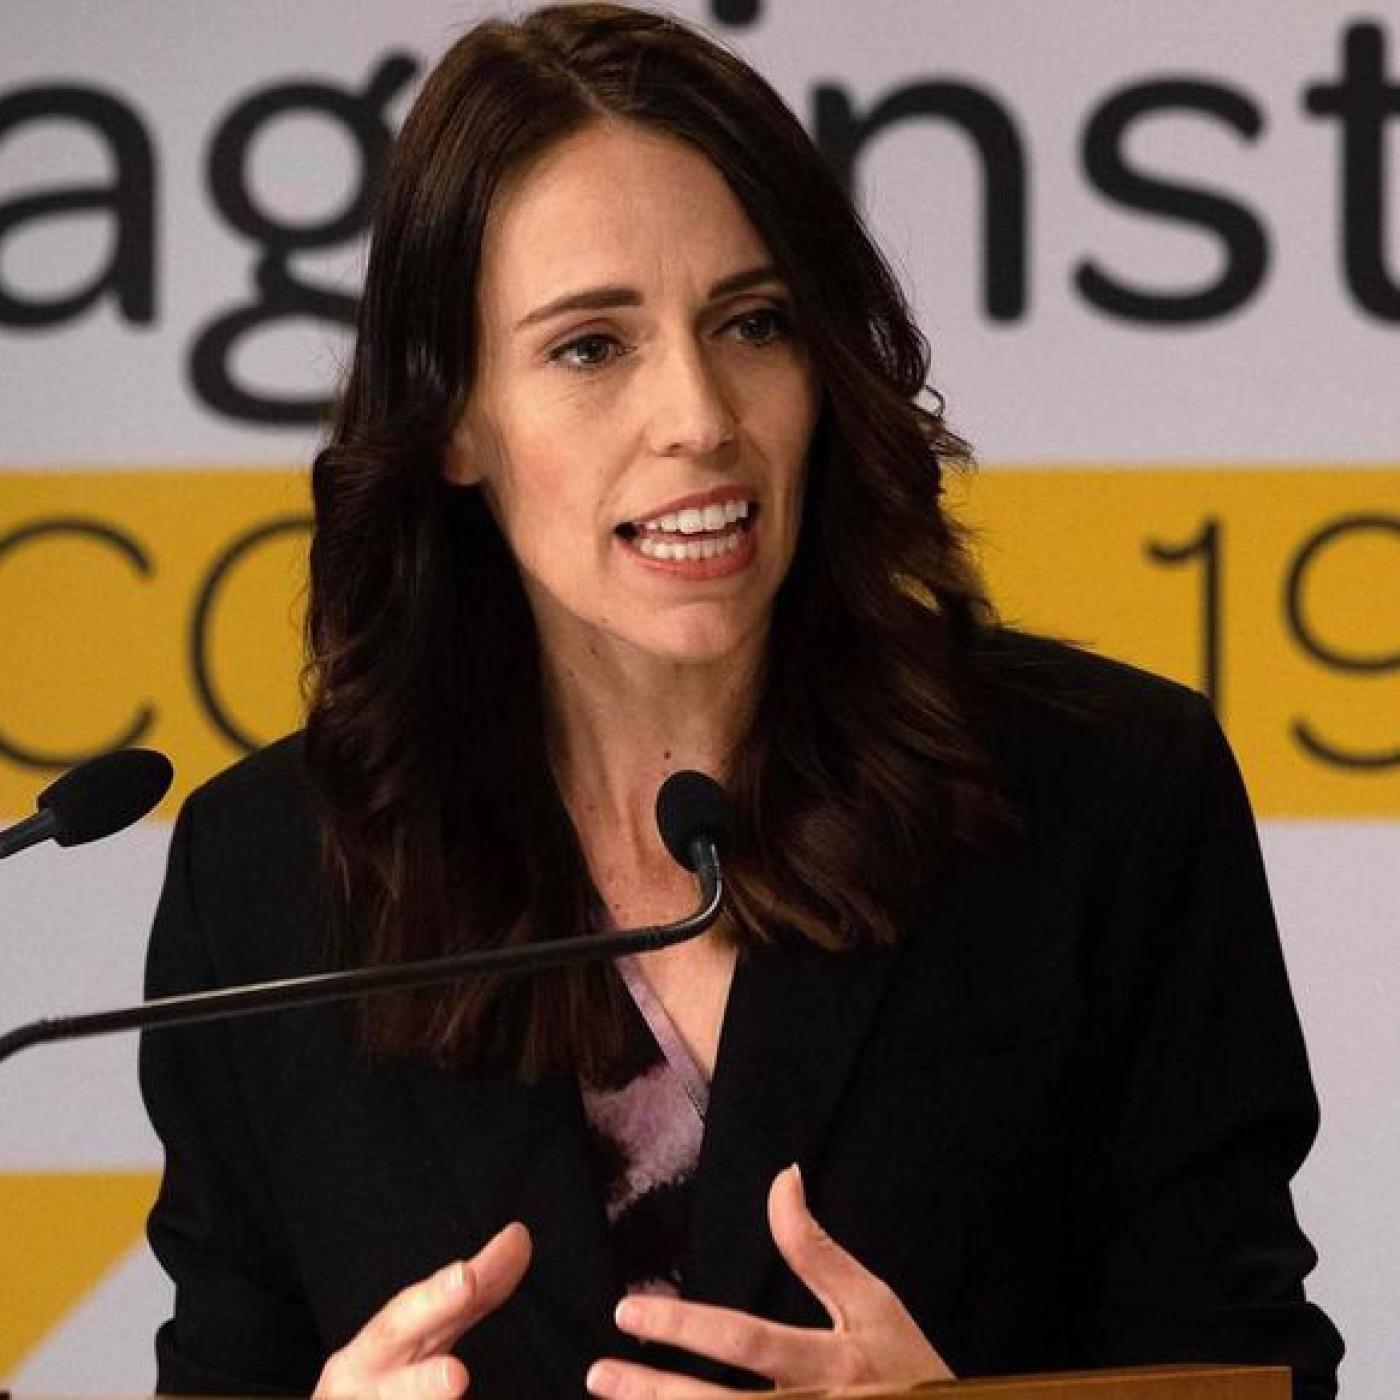 Nouvelle Zélande : Stratégie des frontières fermées - Marie - 10 12 2020 - StereoChic Radio